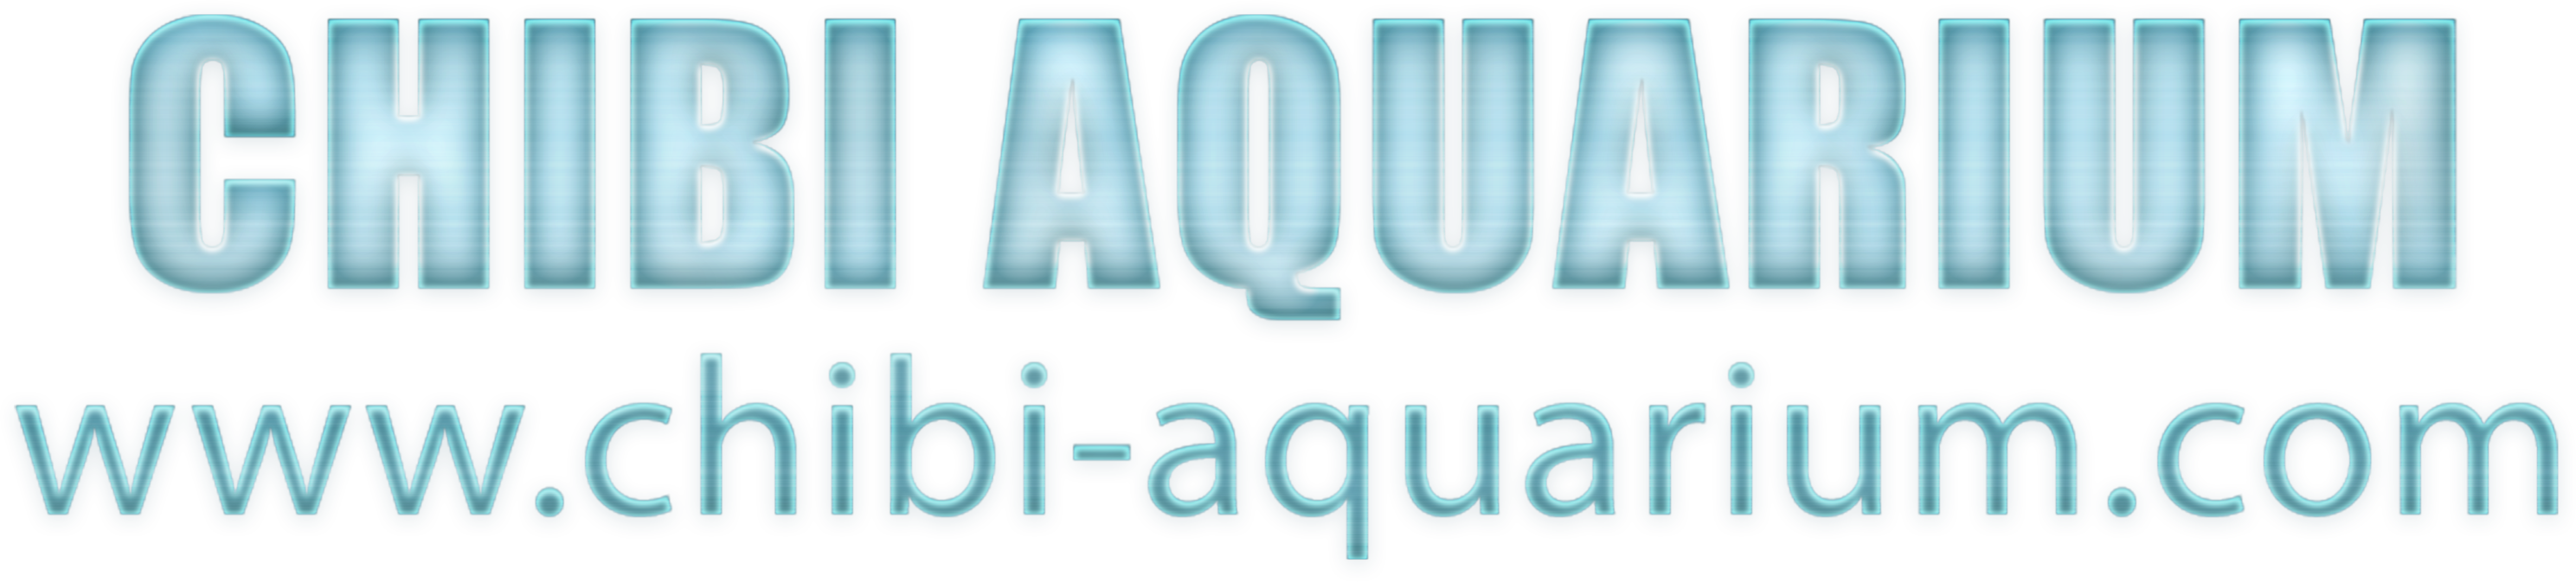 Chibi Aquarium